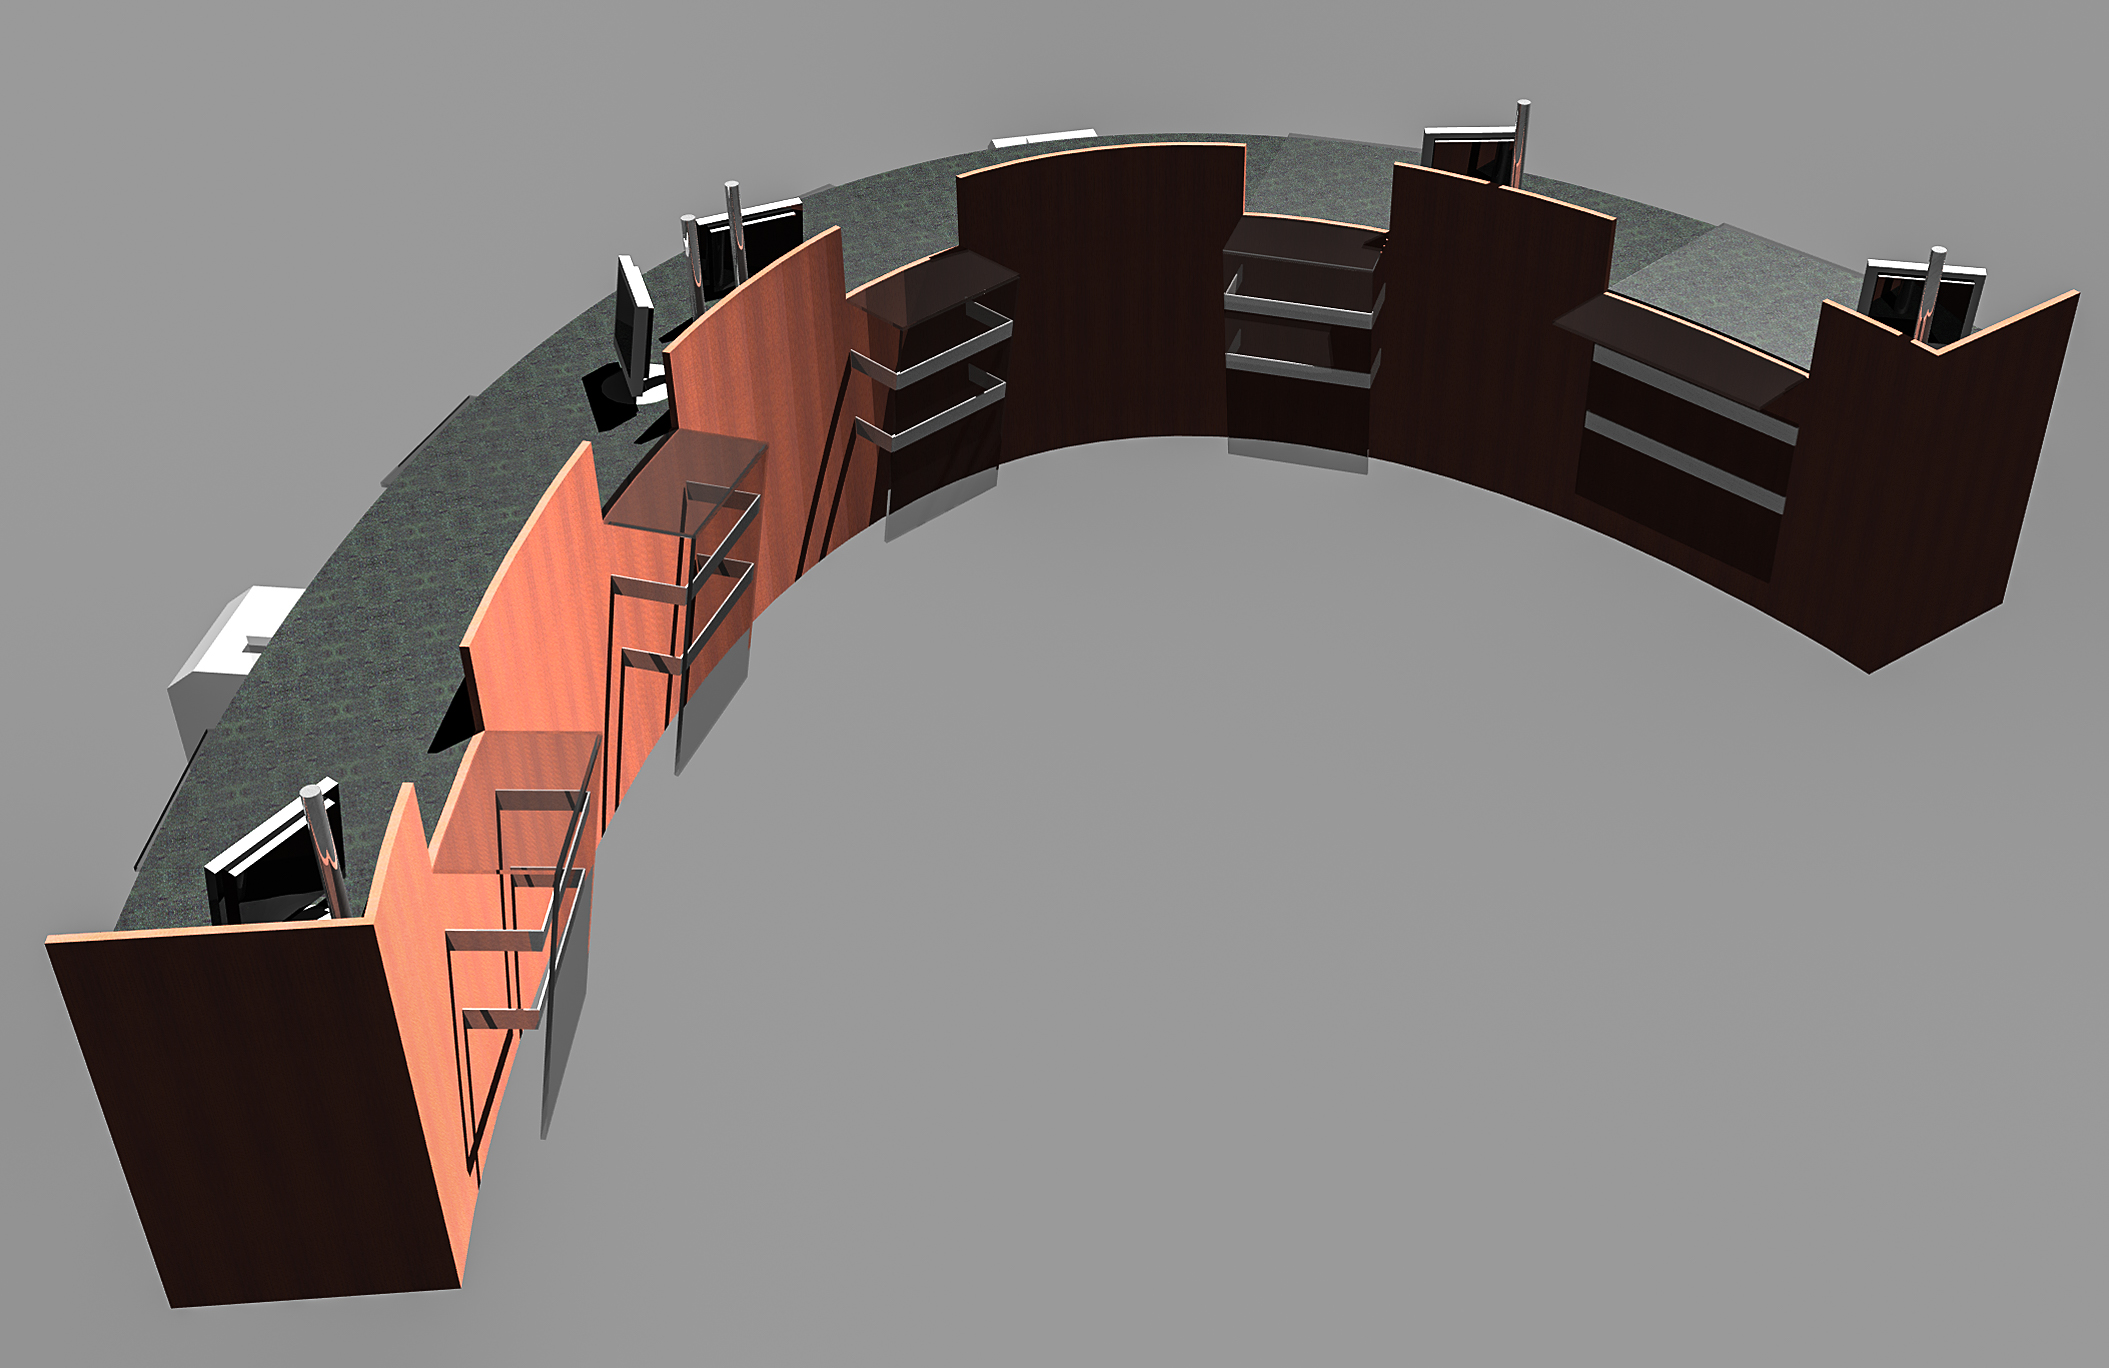 S.F. Bank: Model -- Teller concept